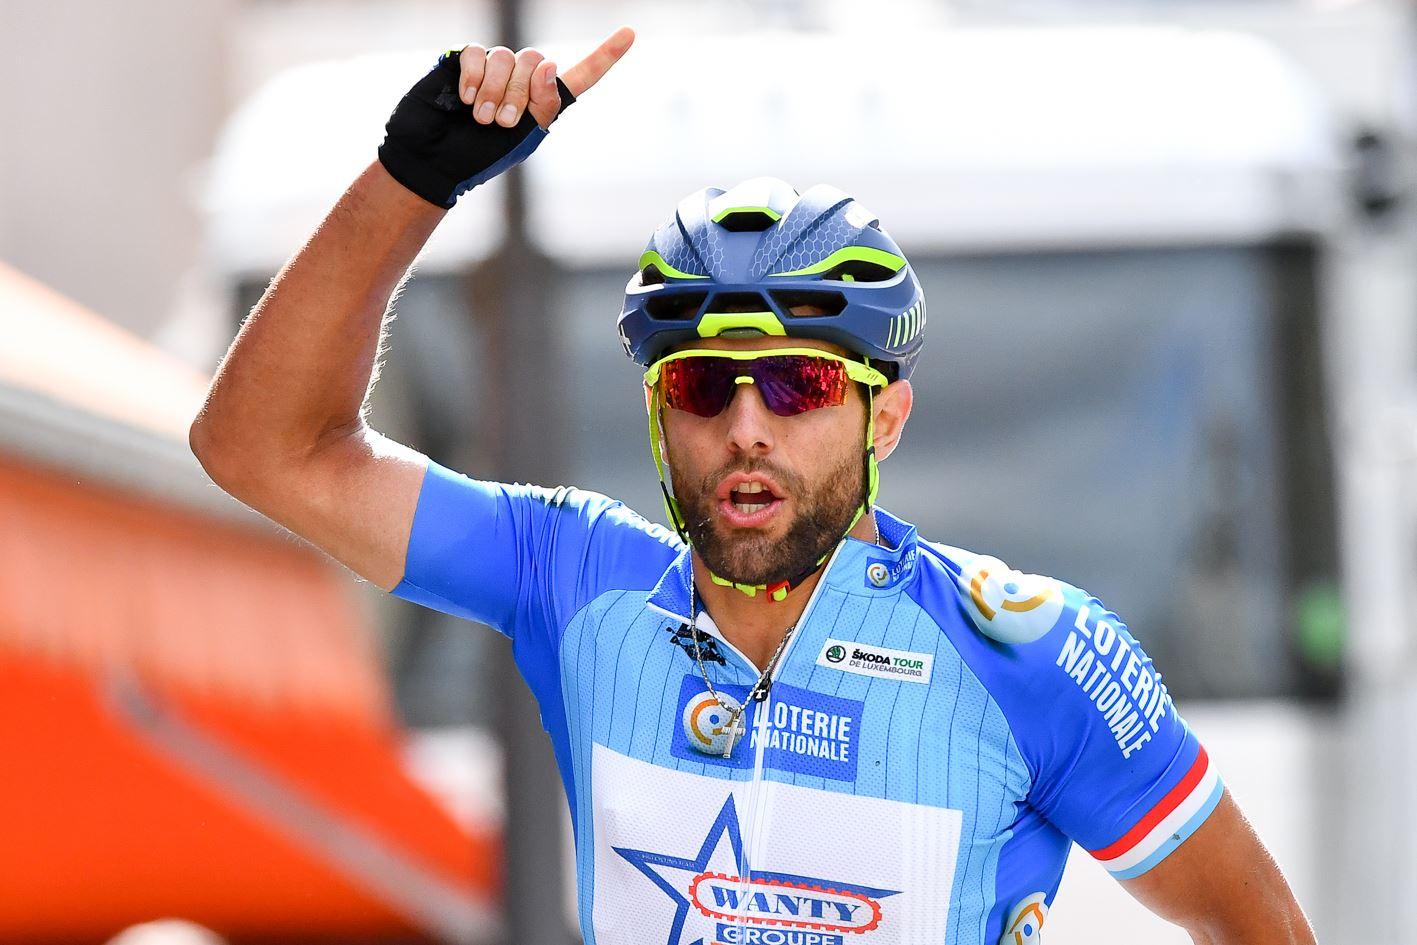 Andrea Pasqualon vince la terza tappa del Tour de Luxembourg